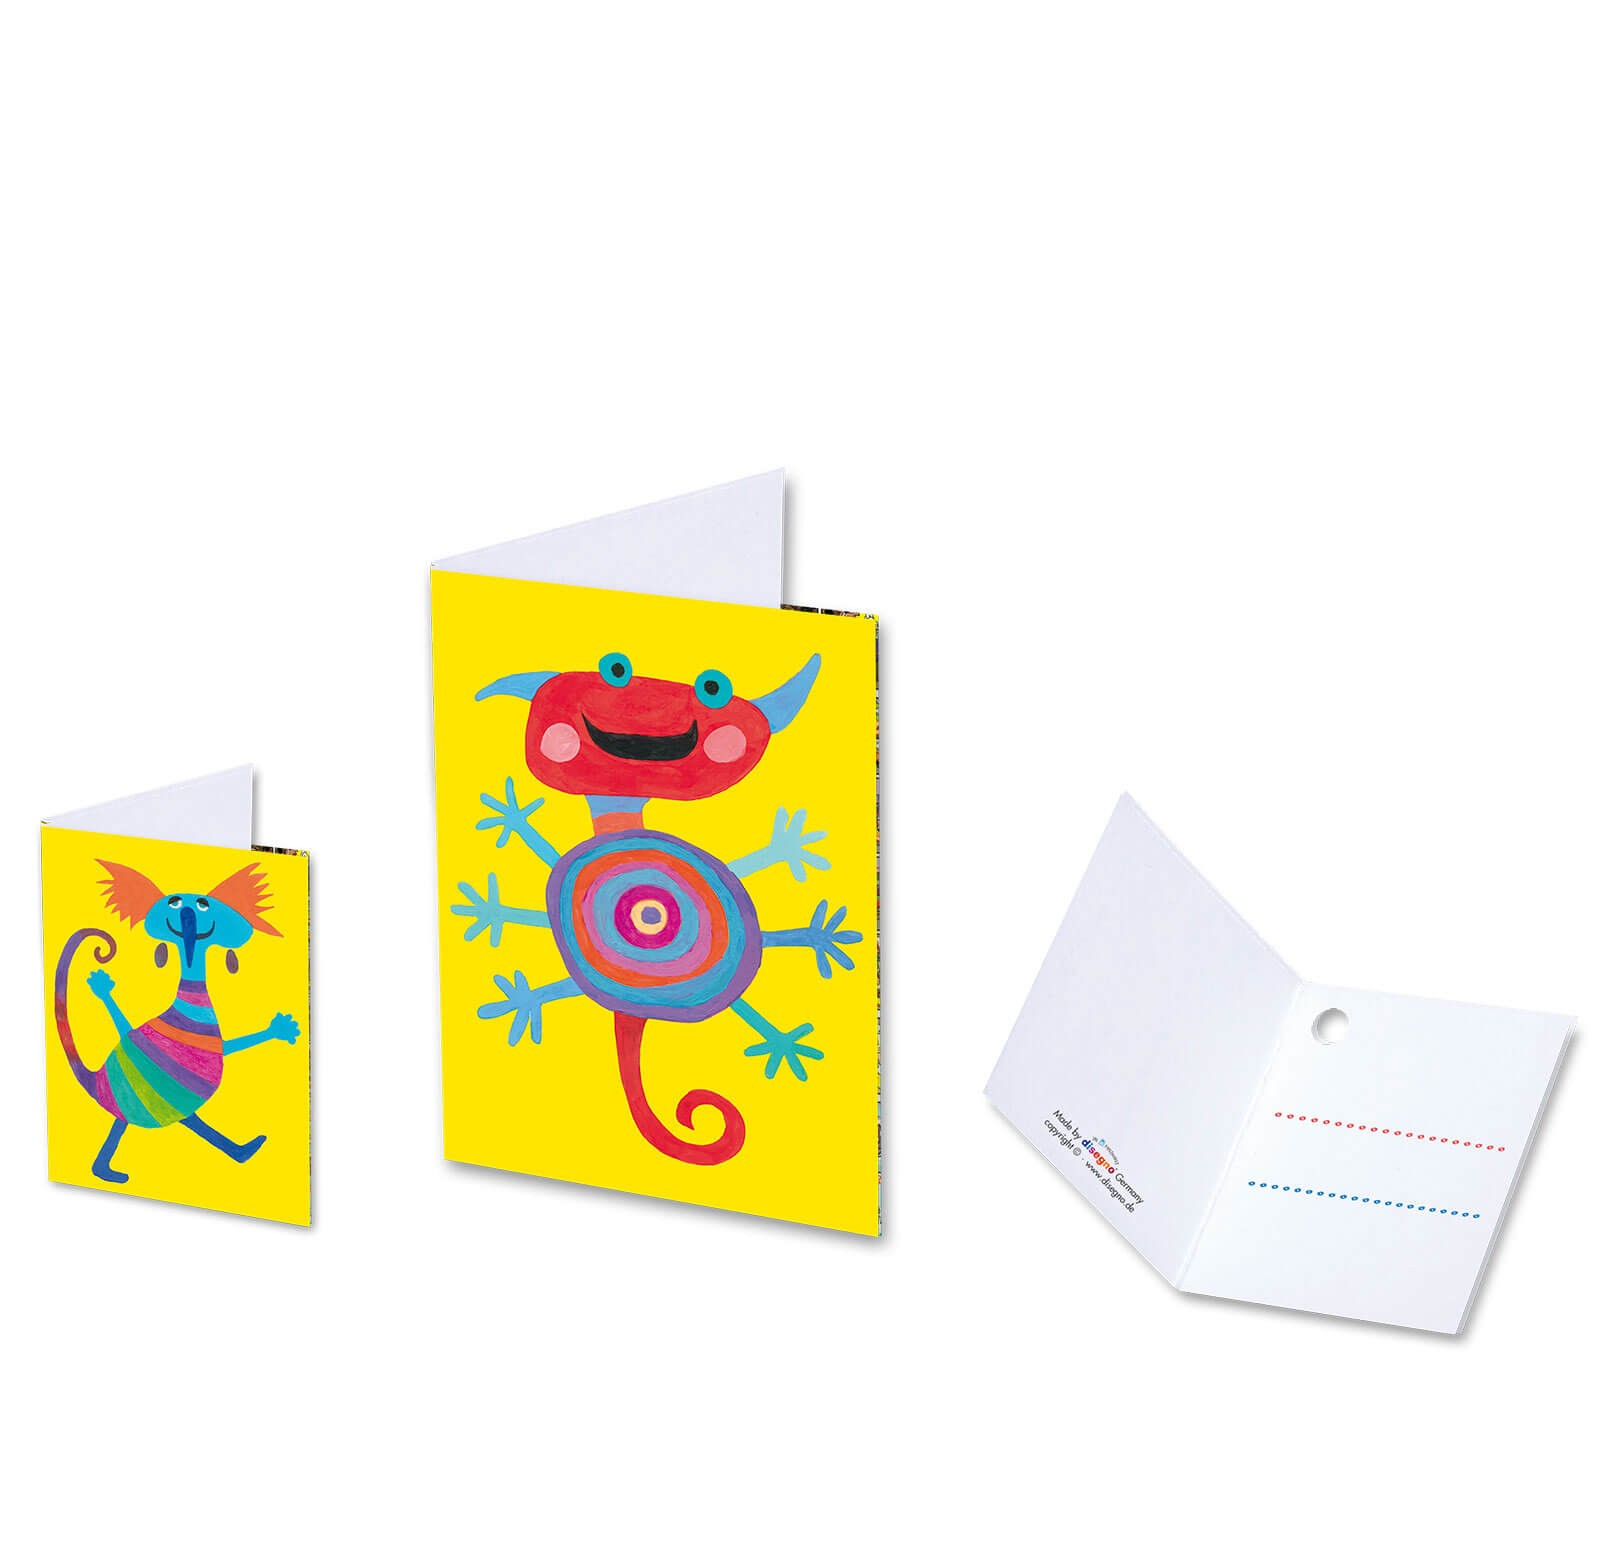 Etiquetas regalos Pequeña (S)